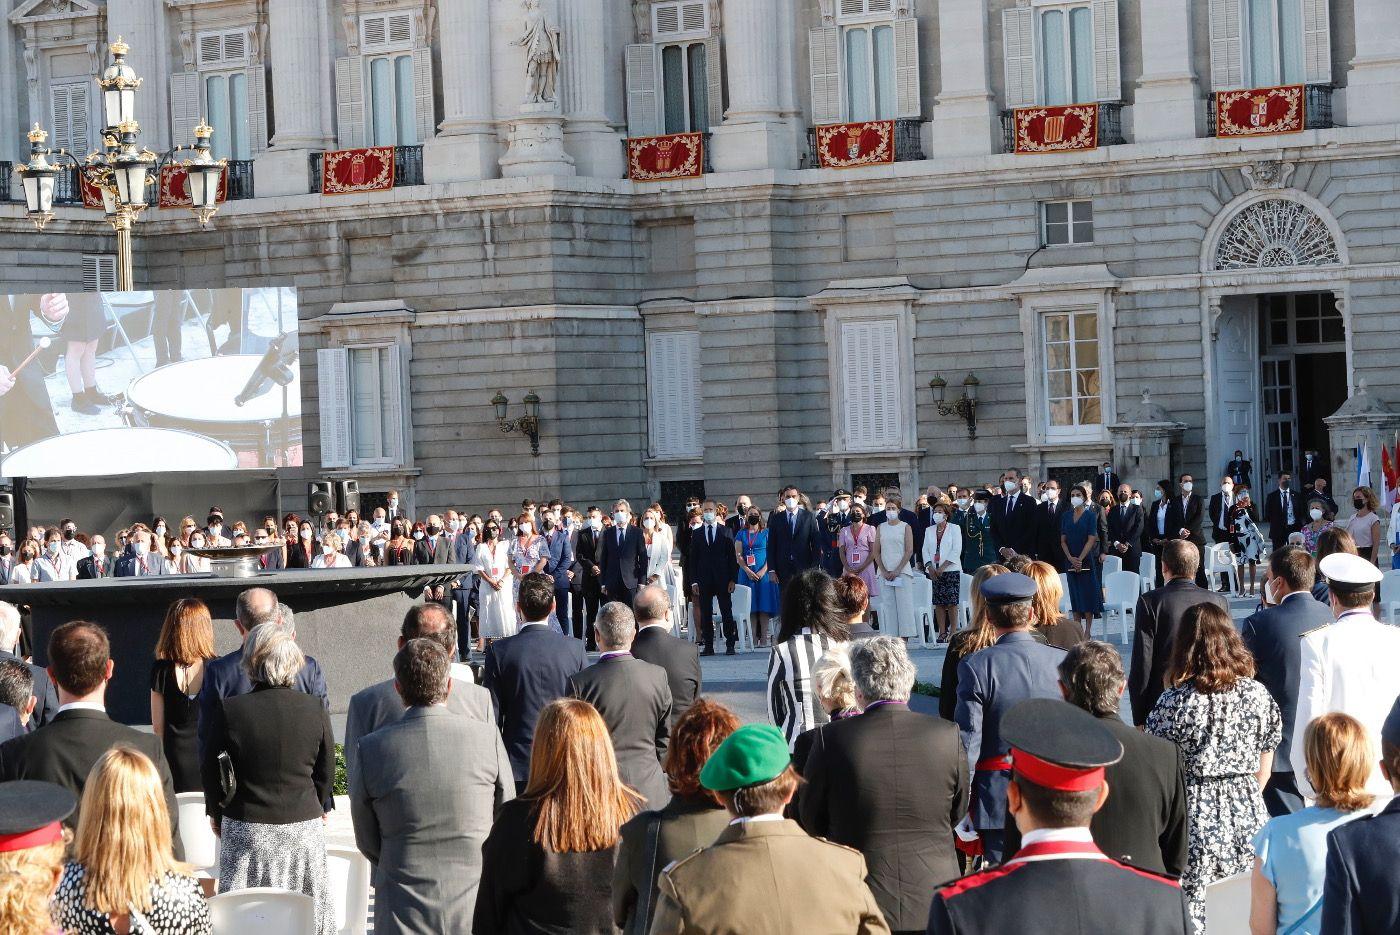 Homenaje de los Reyes a los fallecidos por el covid, con especial recuerdo al sanitario gijonés Pablo Riesgo